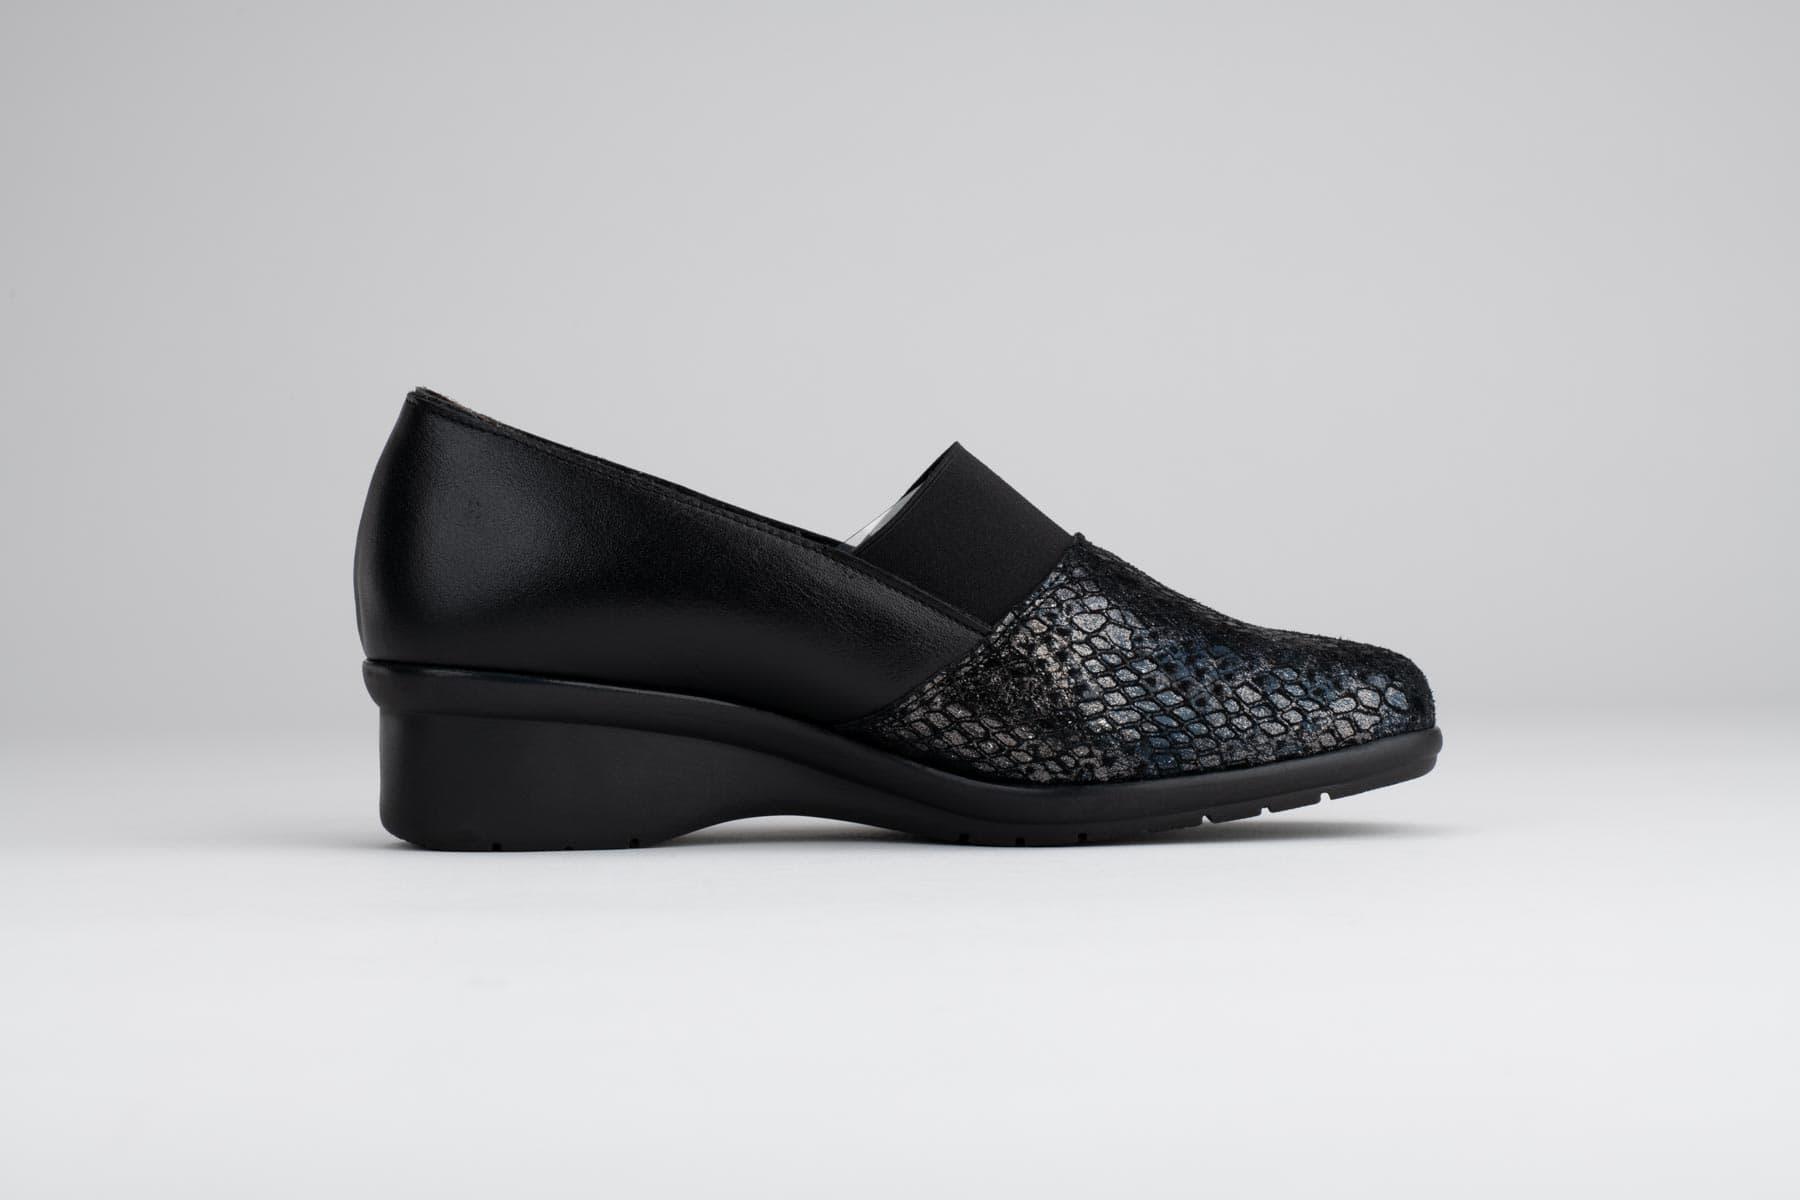 Foto de estudio de zapatos elegante negro